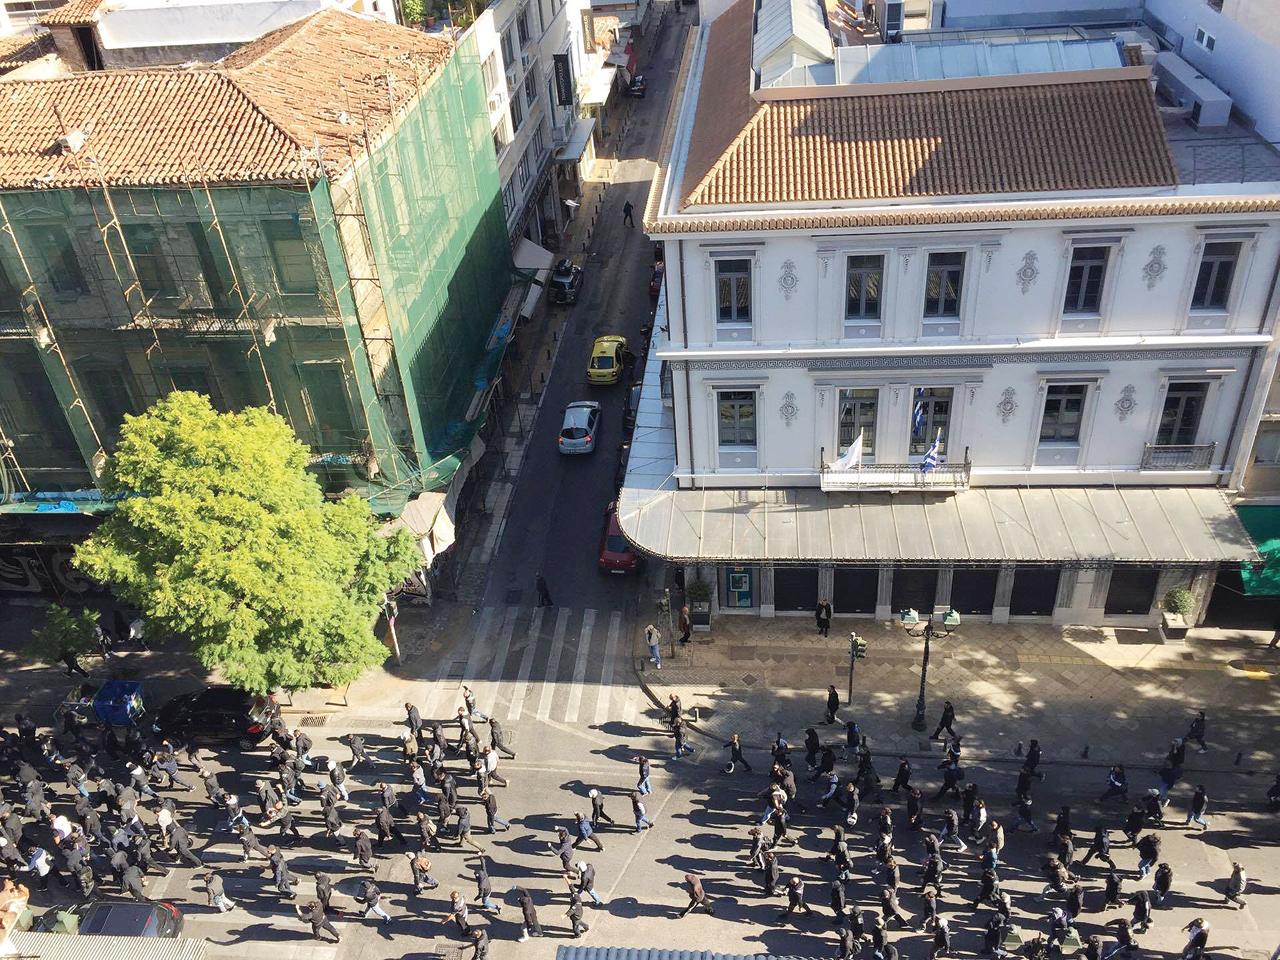 Λίγο πριν τα επεισόδια ανάμεσα σε οπαδούς του ΠΑΟΚ και Πακιστανούς στο κέντρο της Αθήνας, στις 26/11.